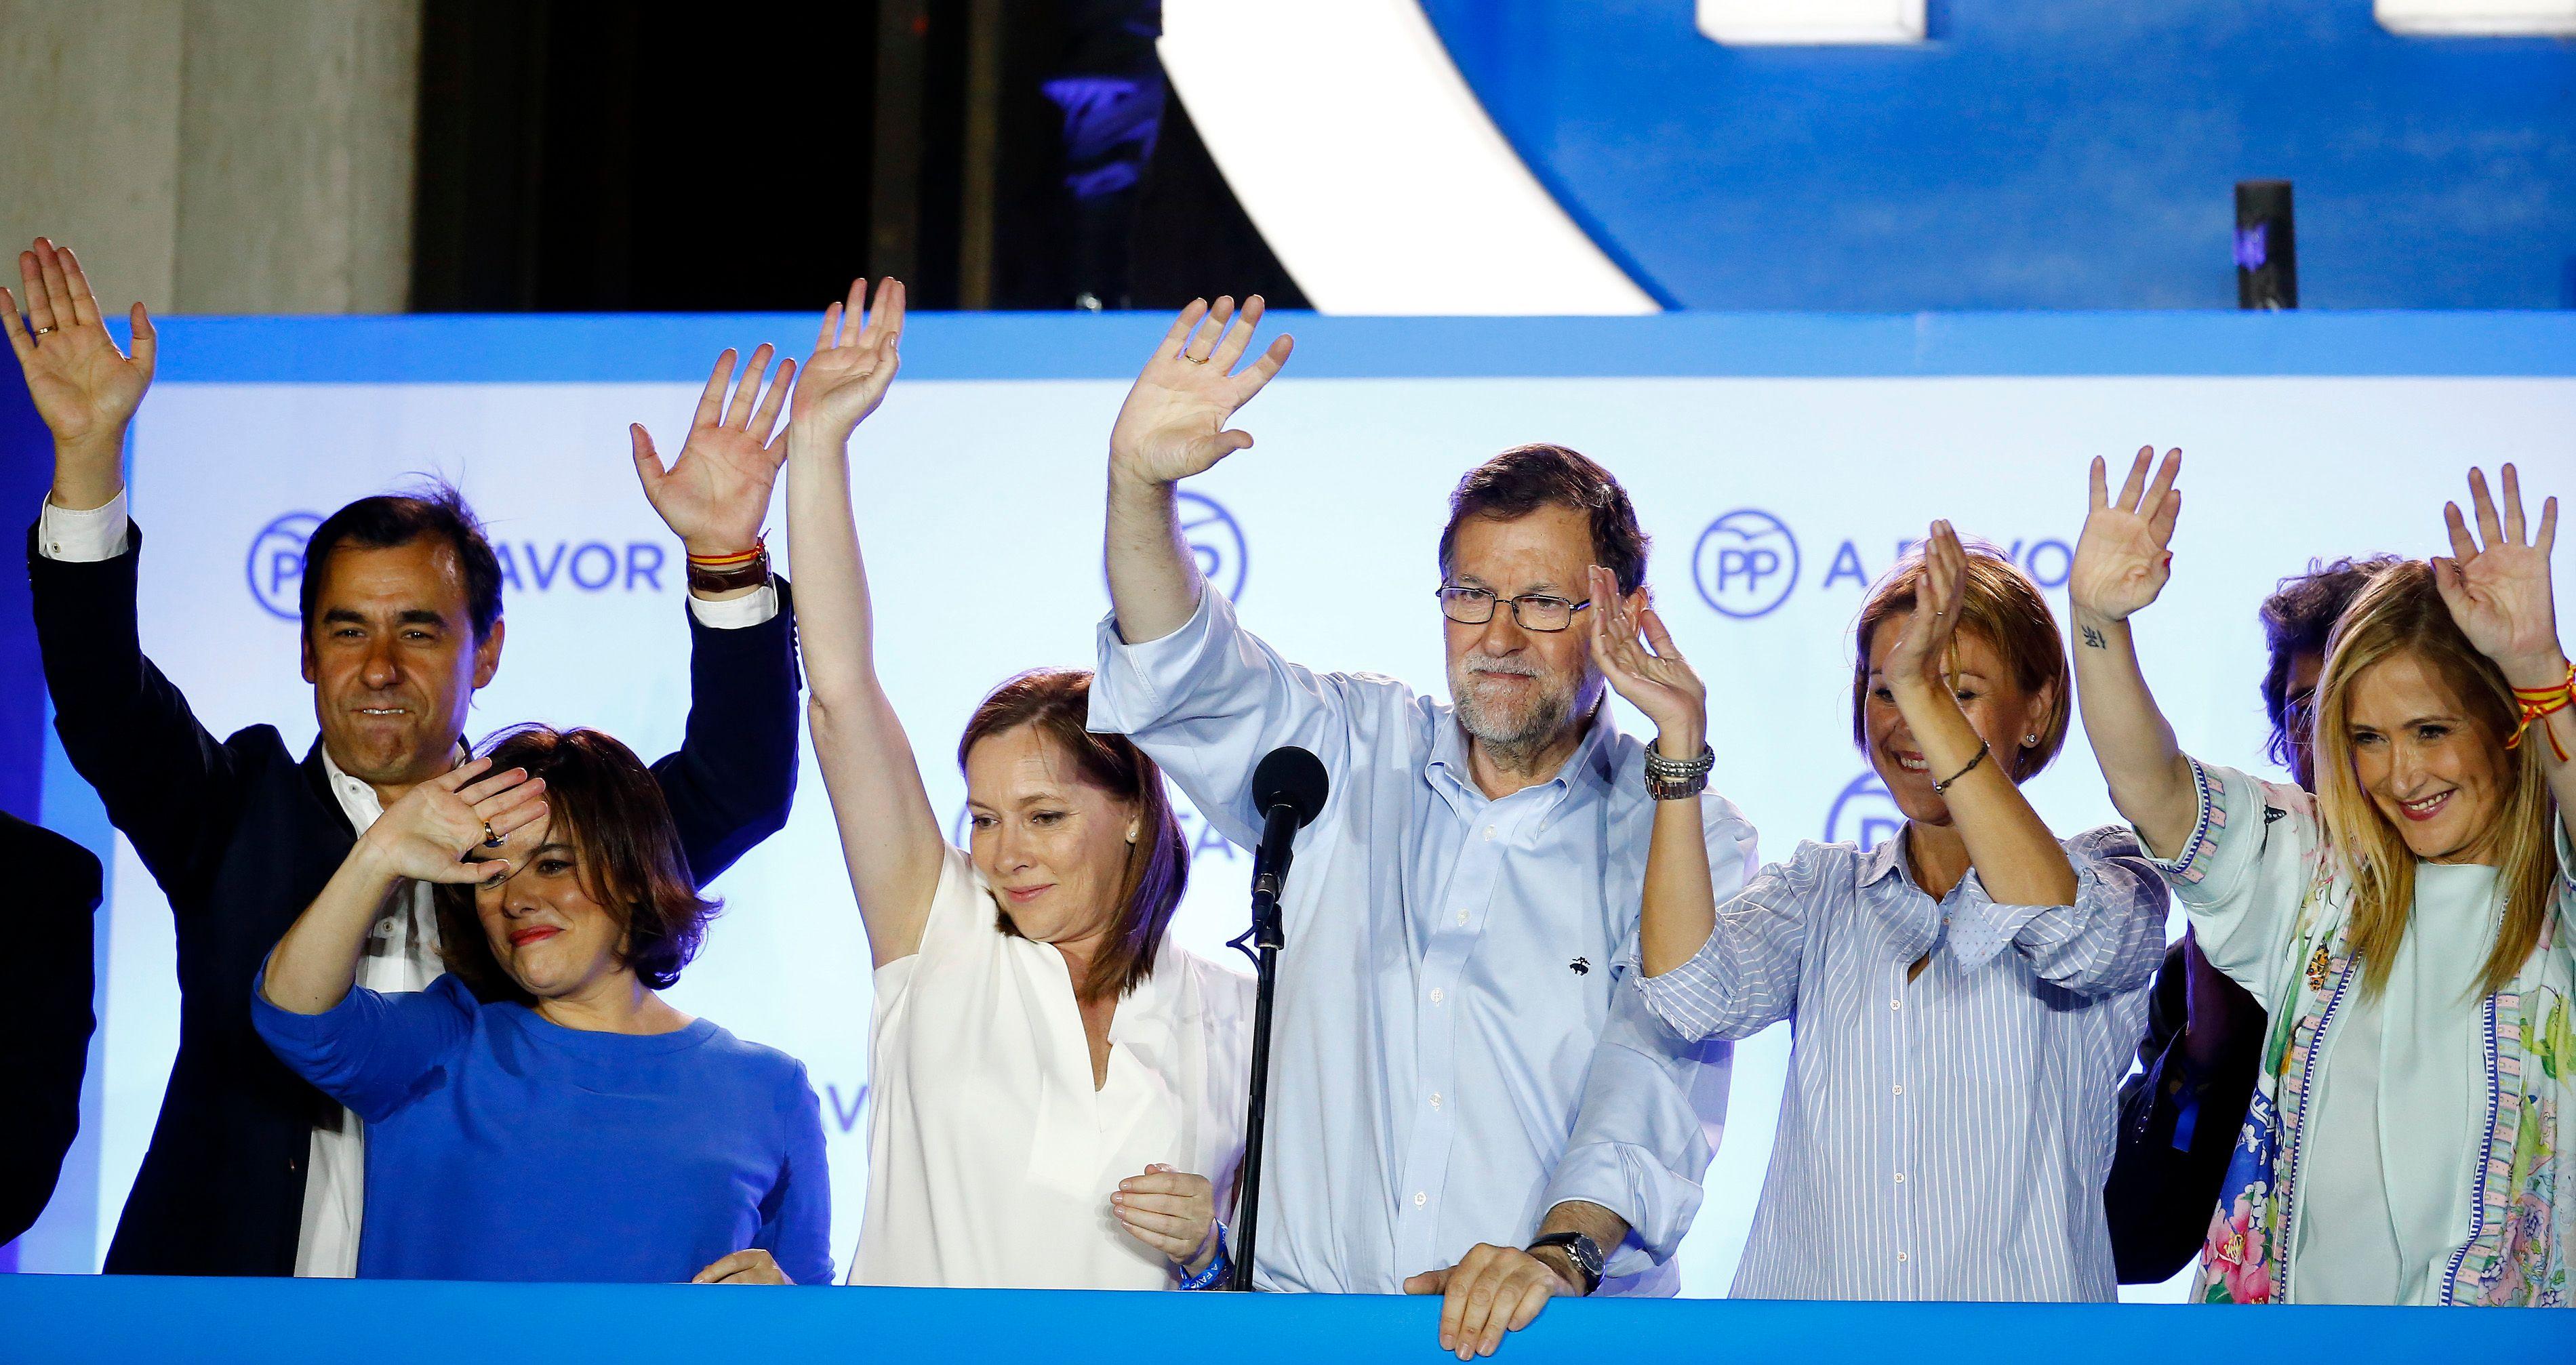 Espagne : Mariano Rajoy retrouve le pouvoir après 10 mois de paralysie